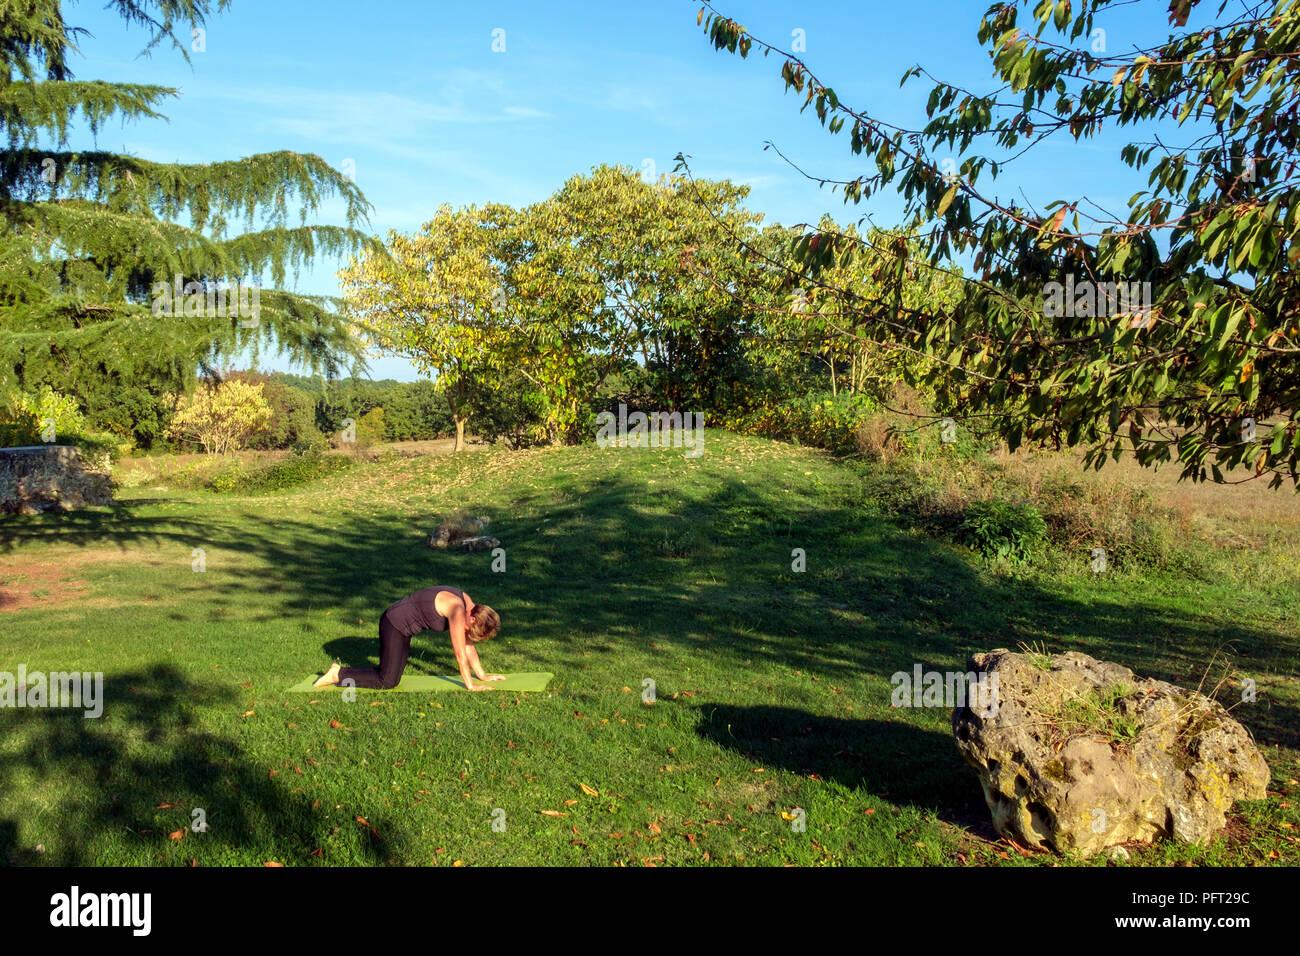 Von Idyllischen Landlichen Franzosischen Landschaft Eine Reife Frau Ubt Ihre Hatha Yoga Positionen Im Schonen Herbst Sonne Umgeben Die Katze Darstellen Stockfotografie Alamy